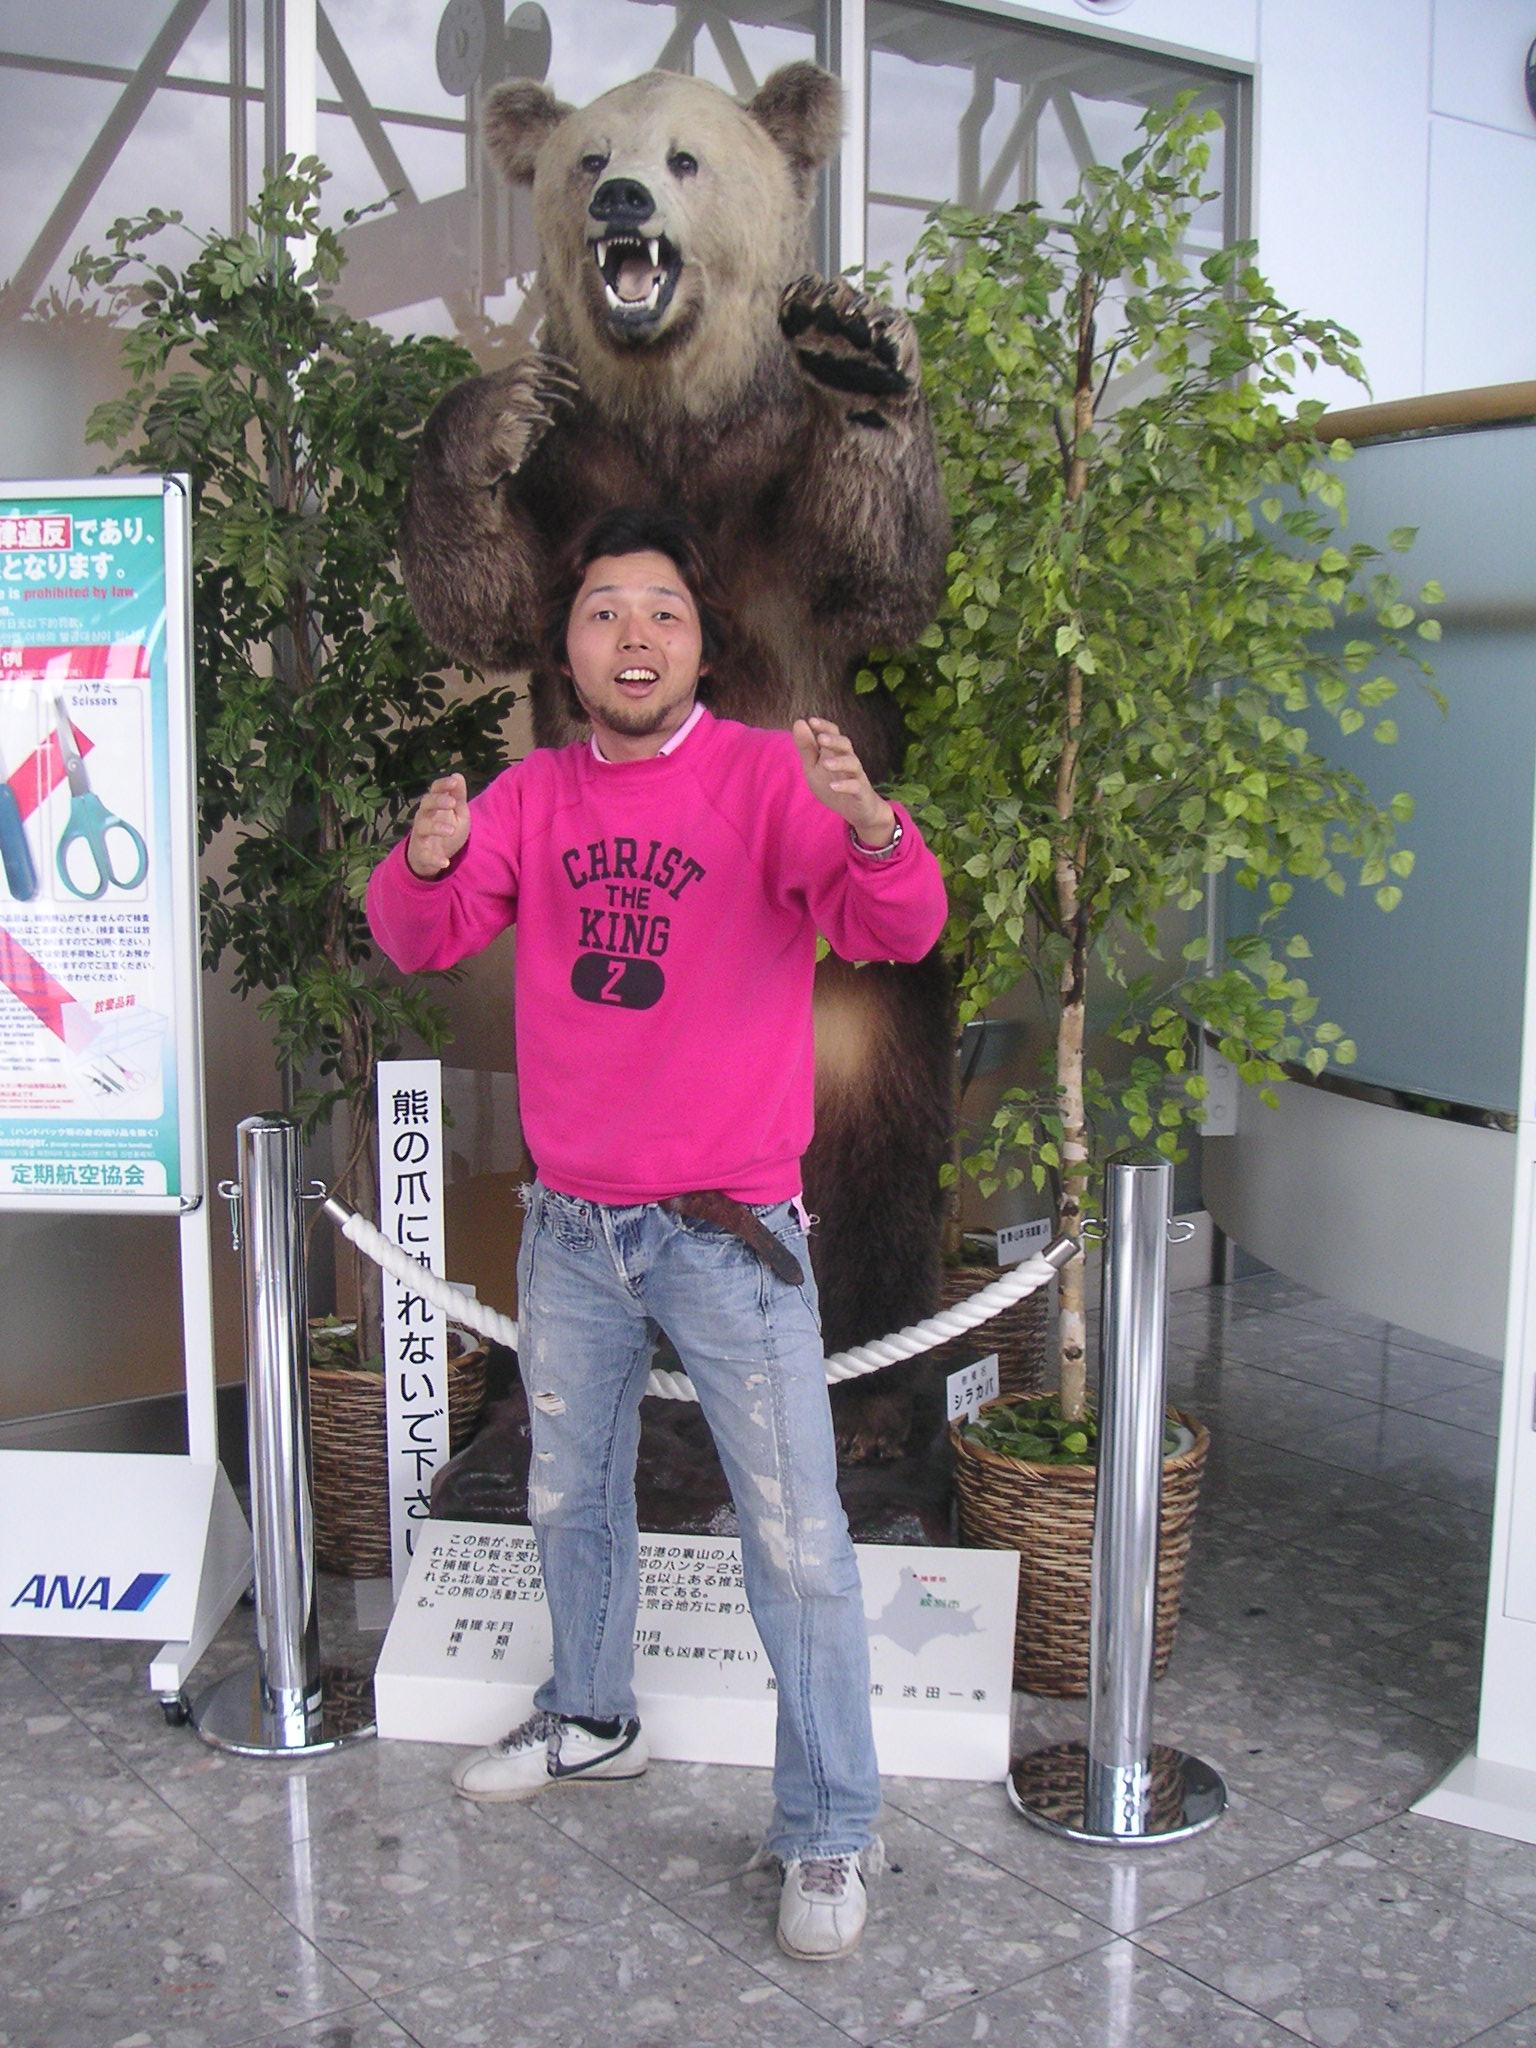 オホーツク紋別空港?の内の剥製の熊と僕